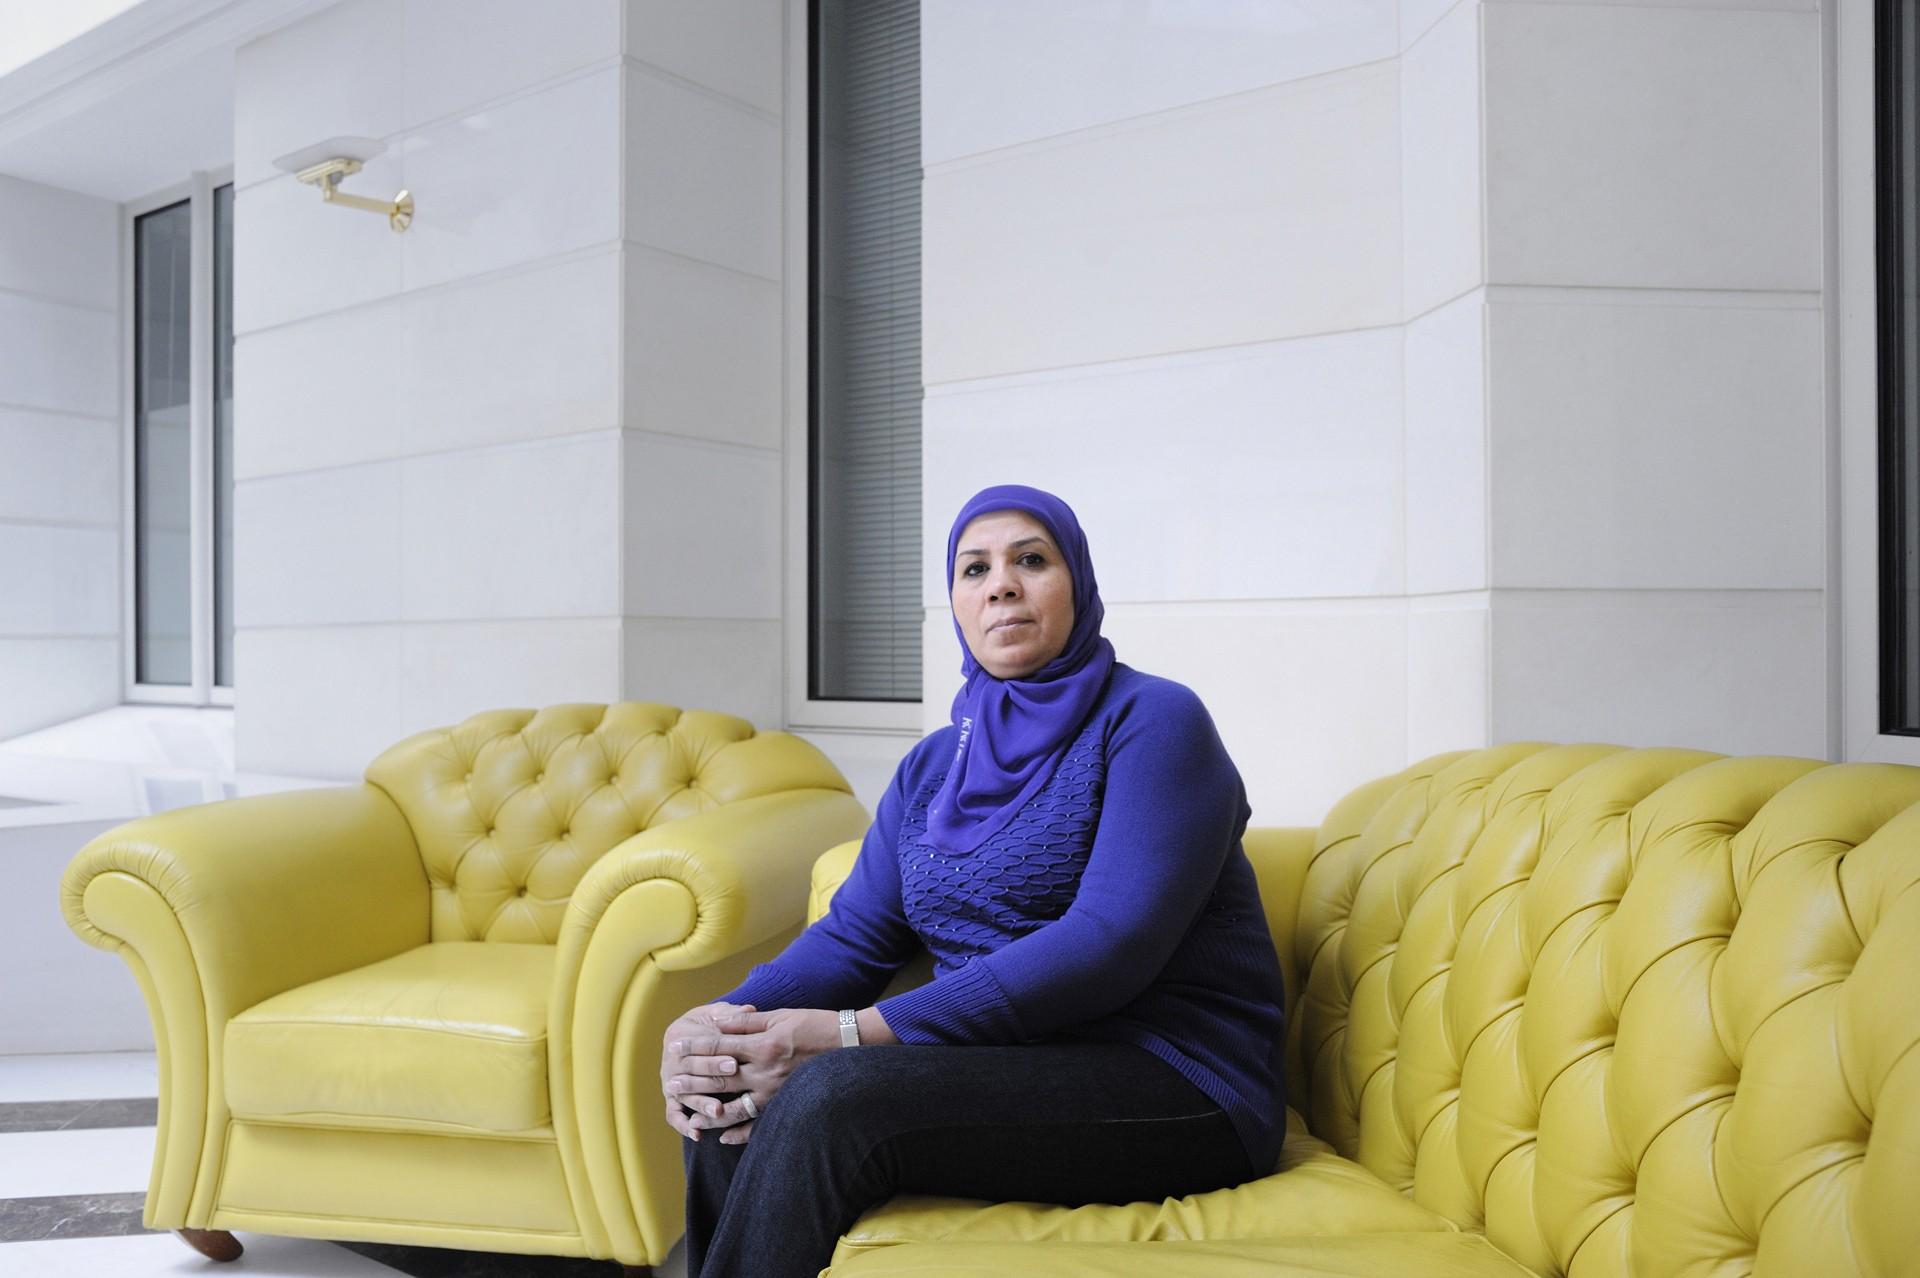 Latifa Ibn Ziaten 2013